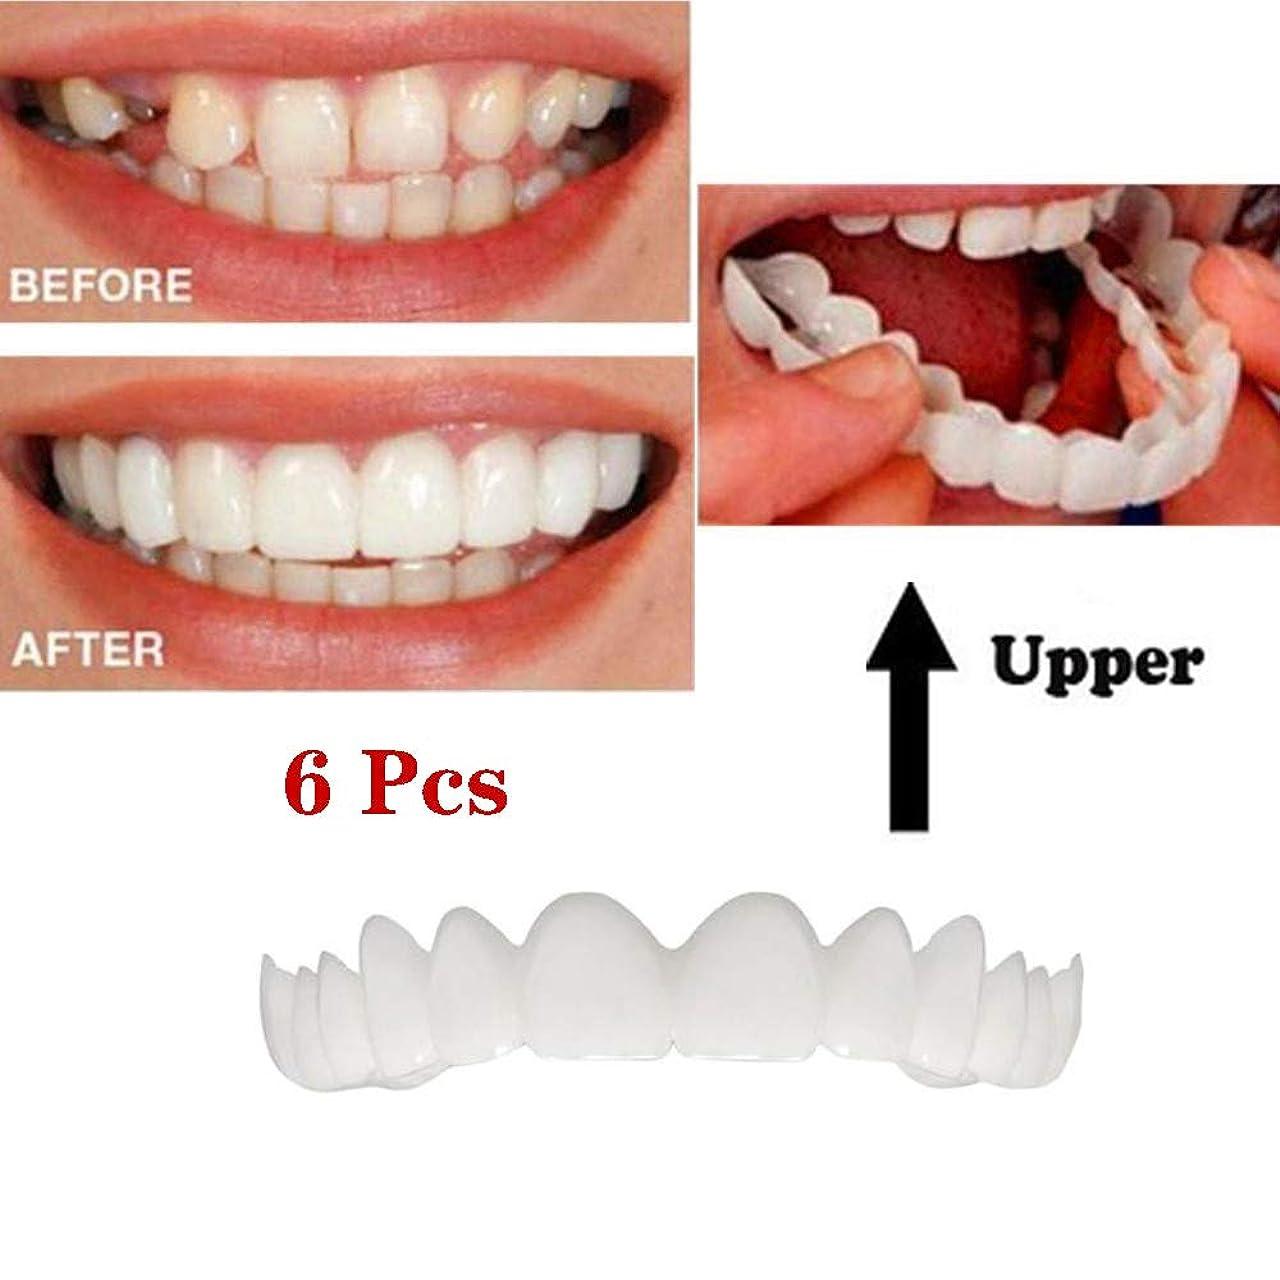 タンパク質きゅうり衝突快適な模擬歯6本インスタントスマイルフェイスアッパーローベニア快適なソフト美容歯ワンサイズはほとんどの人の最も快適な義歯にフィット